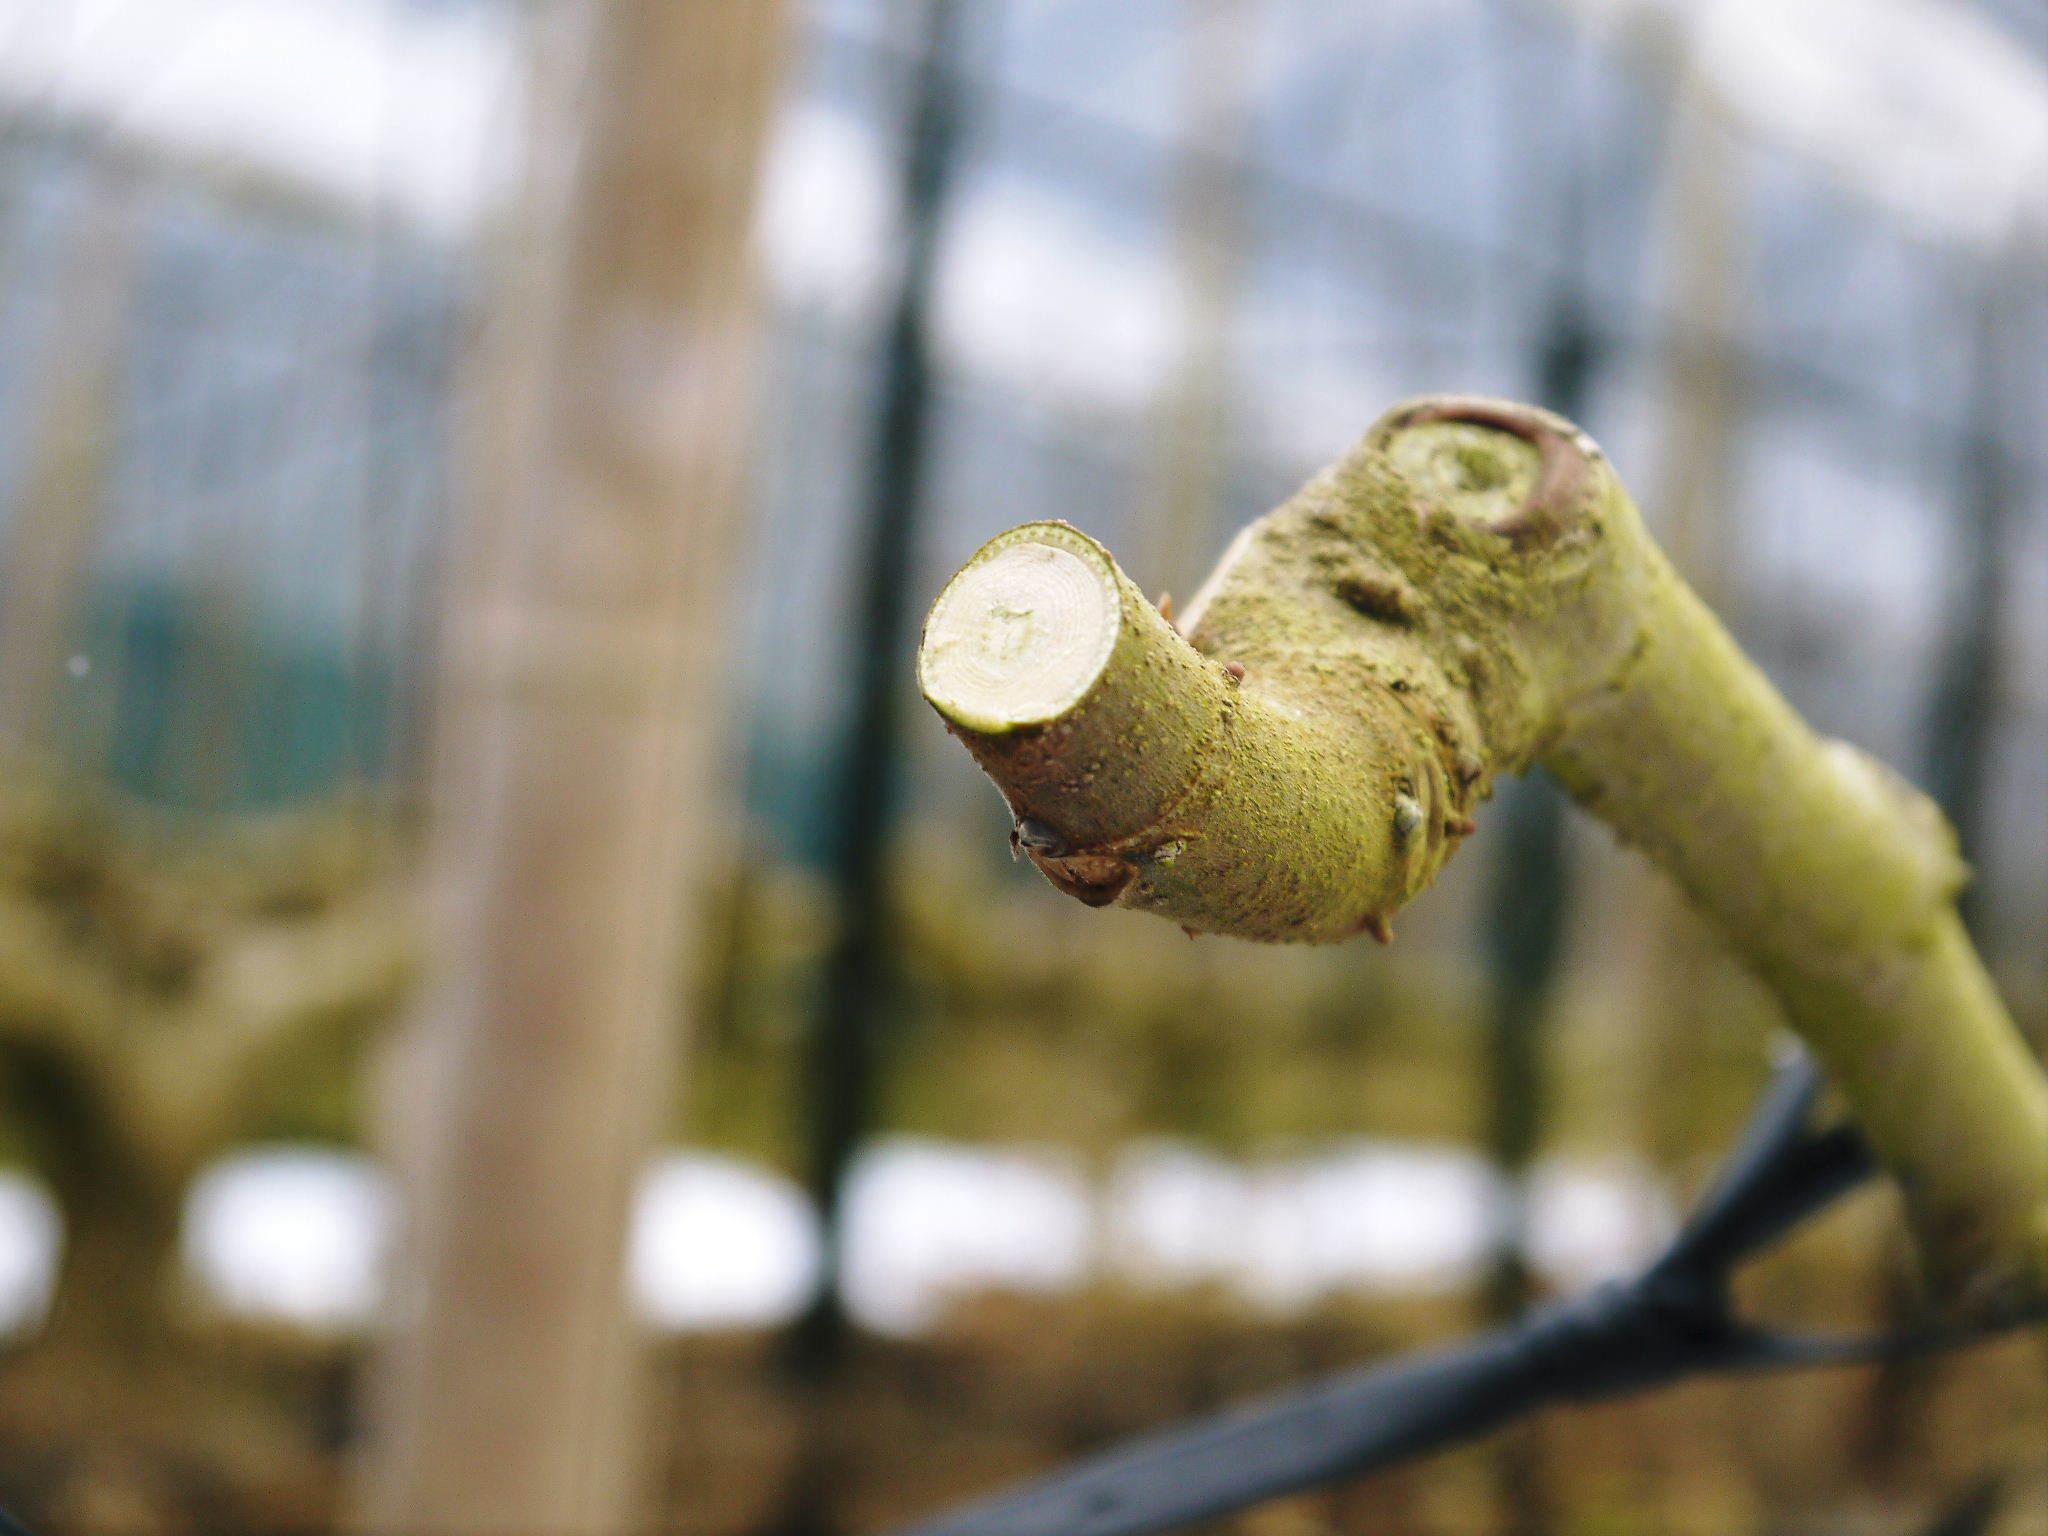 甘熟イチジク 確実に実る弱い枝を芽吹かせ育てるための匠の剪定作業2020_a0254656_16535016.jpg